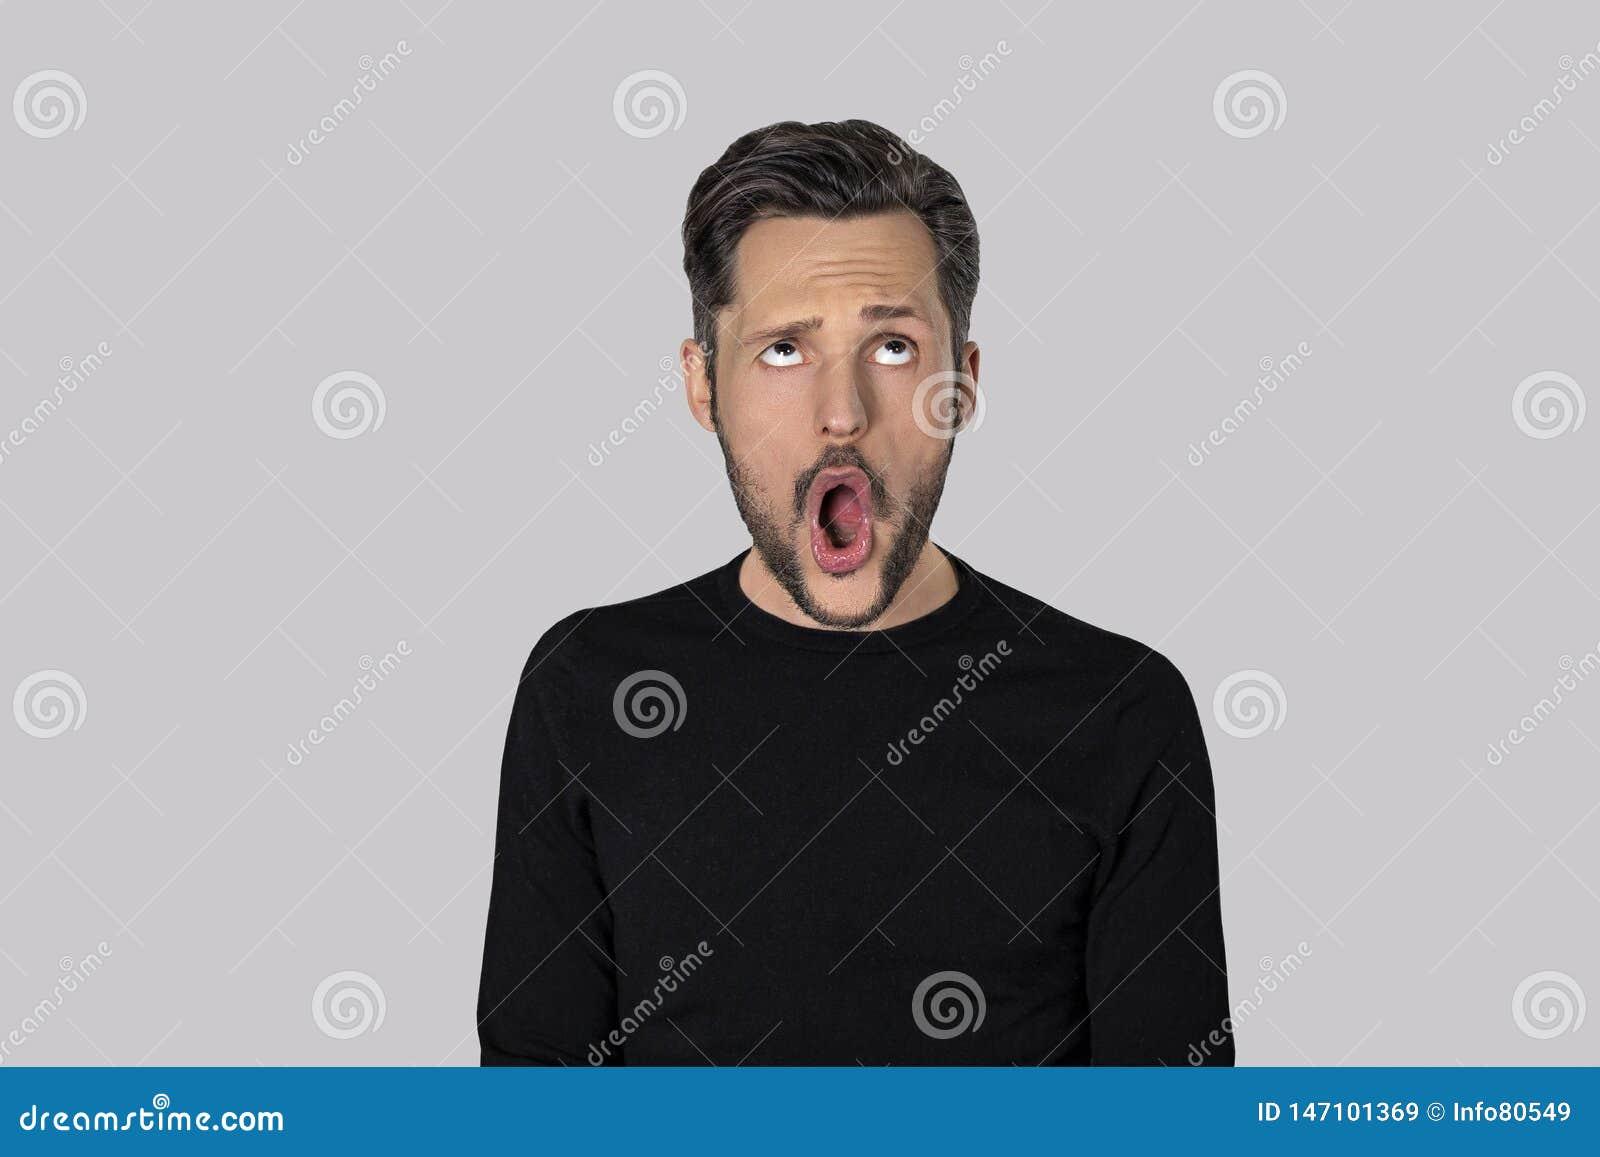 Portret van de jonge mens met een grappige uitdrukking die op grijze achtergrond wordt geïsoleerd